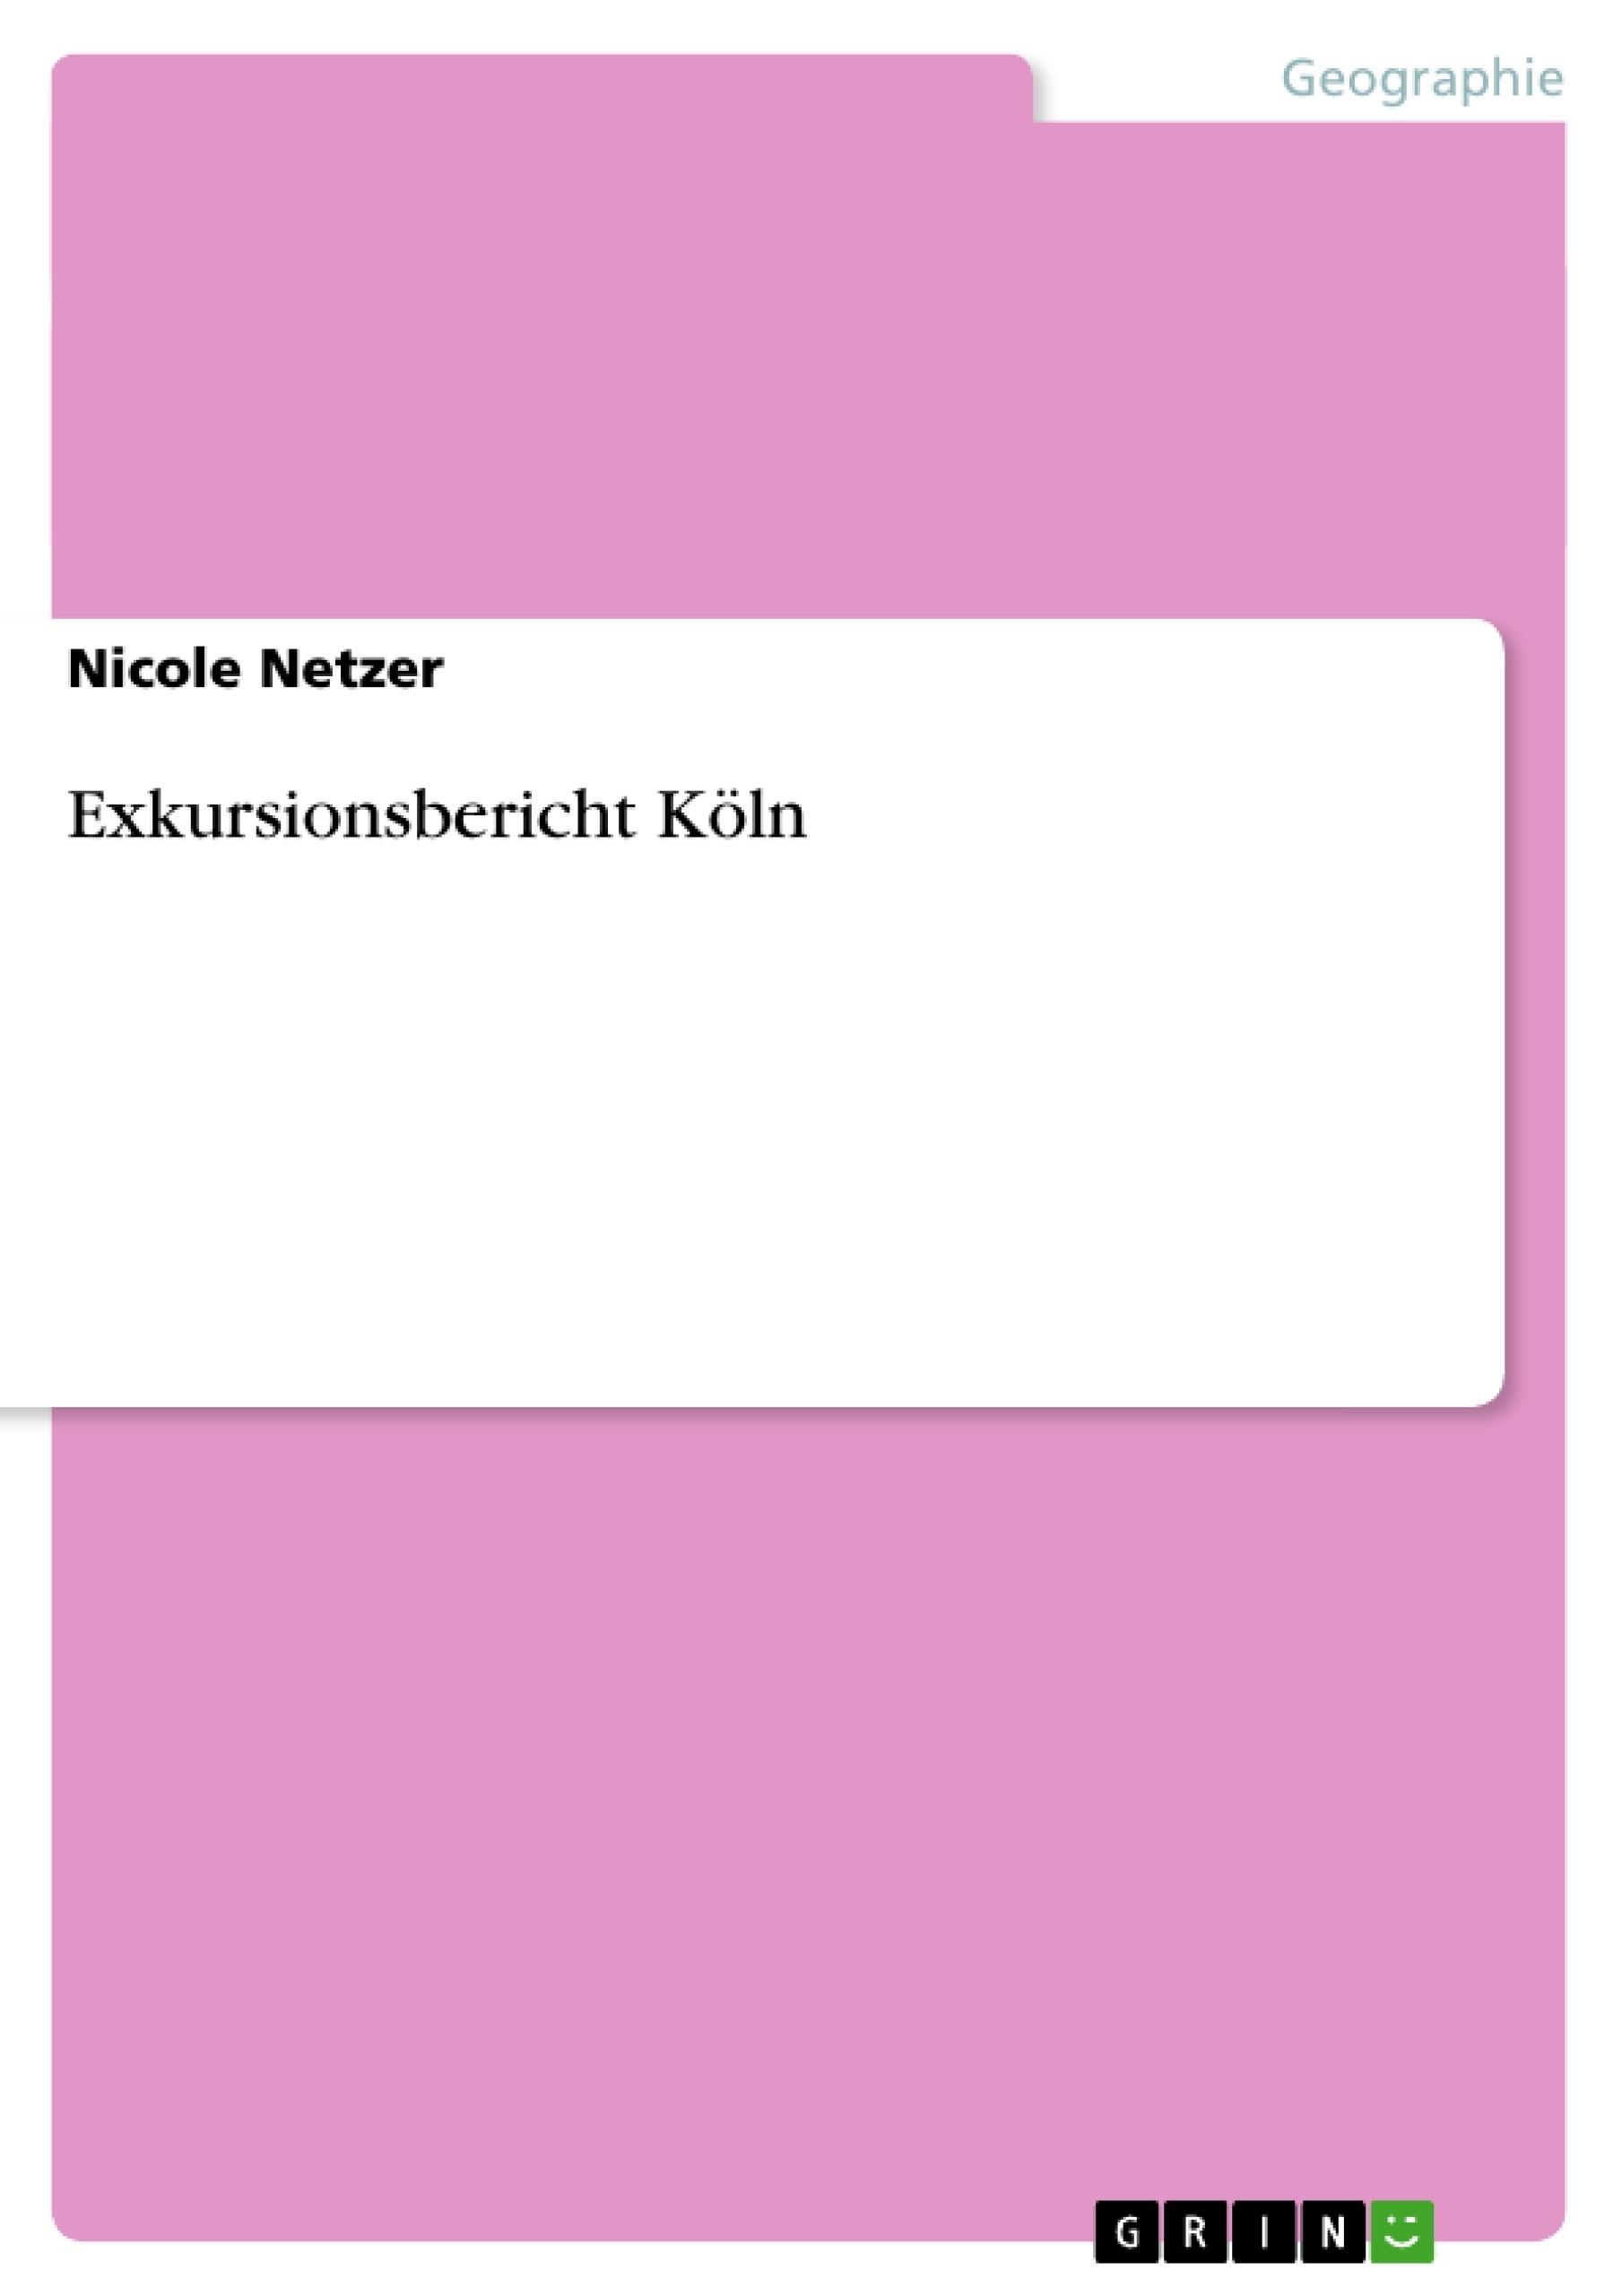 Titel: Exkursionsbericht Köln